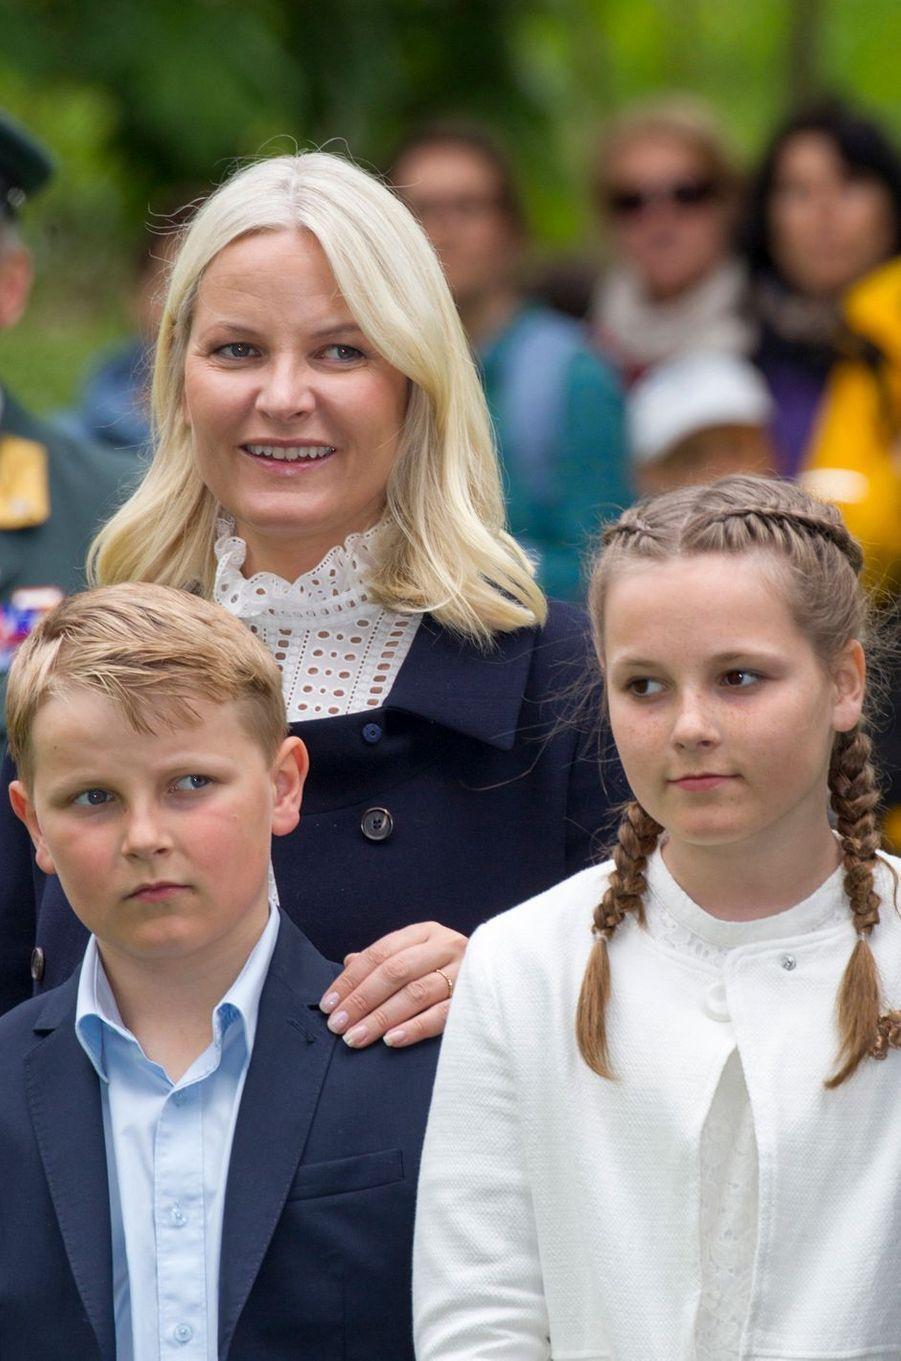 La princesse Ingrid Alexandra avec le prince Sverre Magnus et leur mère Mette-Marit de Norvège à Oslo, le 19 mai 2016